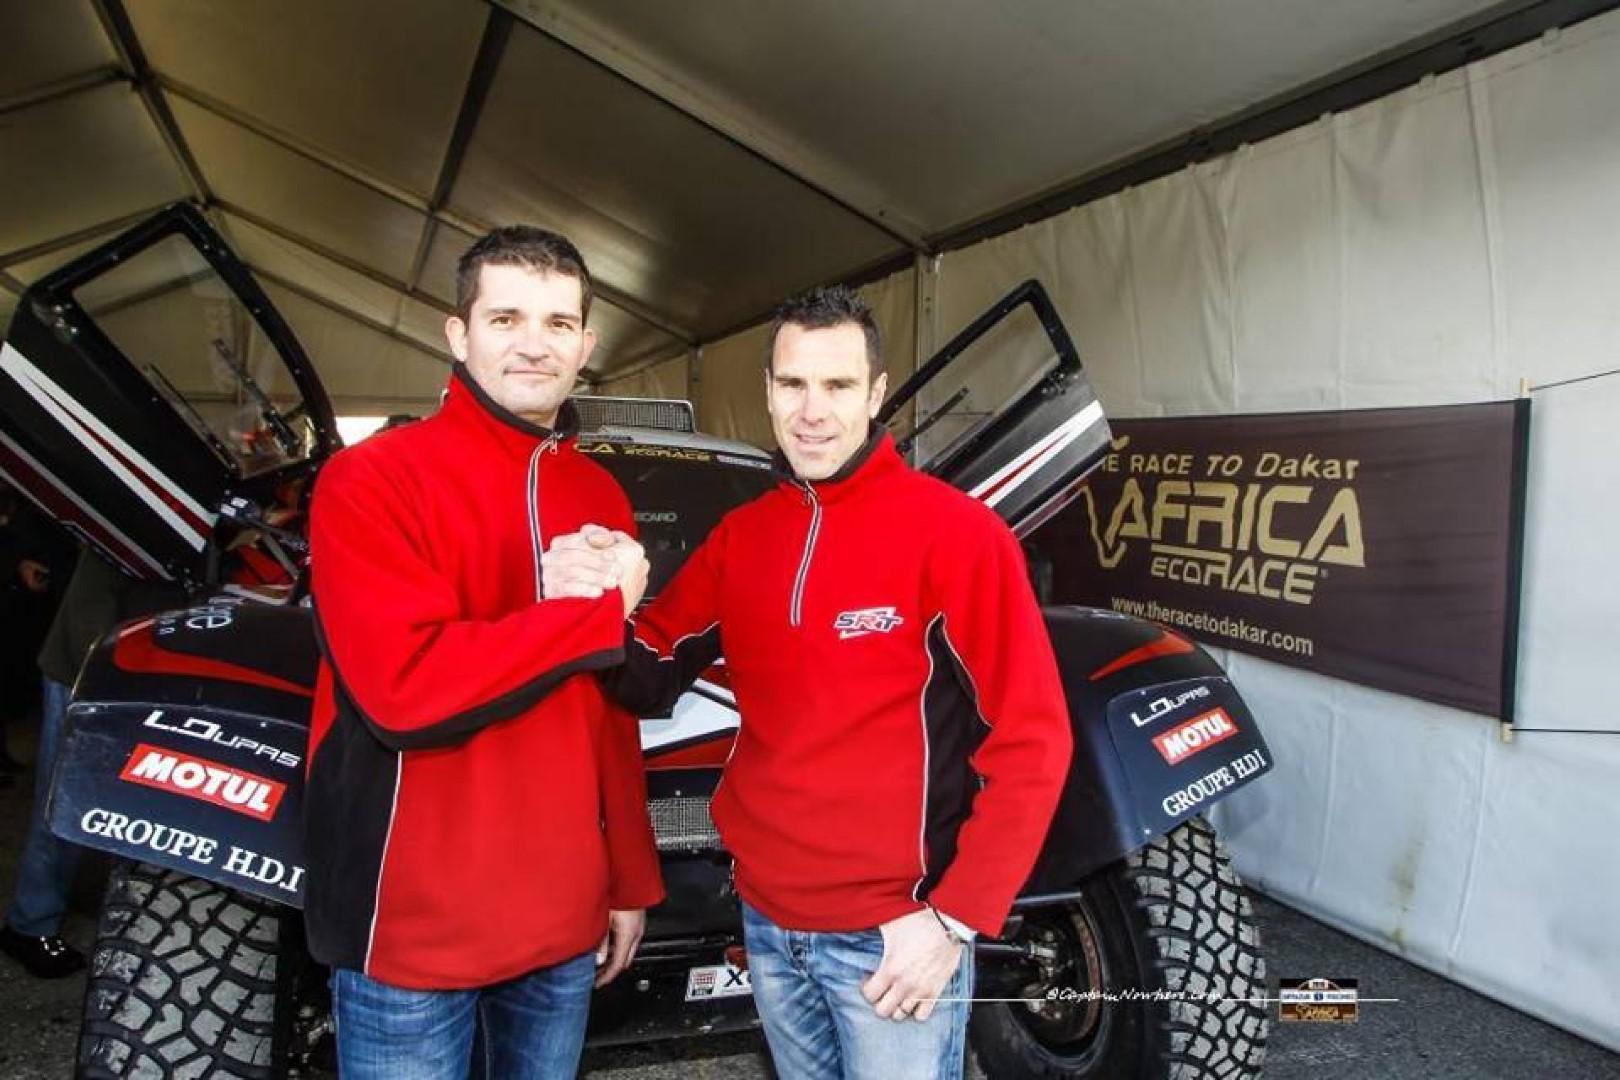 Africa Race 2018 Le Rallye-Raid, un partage de père en fils pour le Serradori Racing Team.